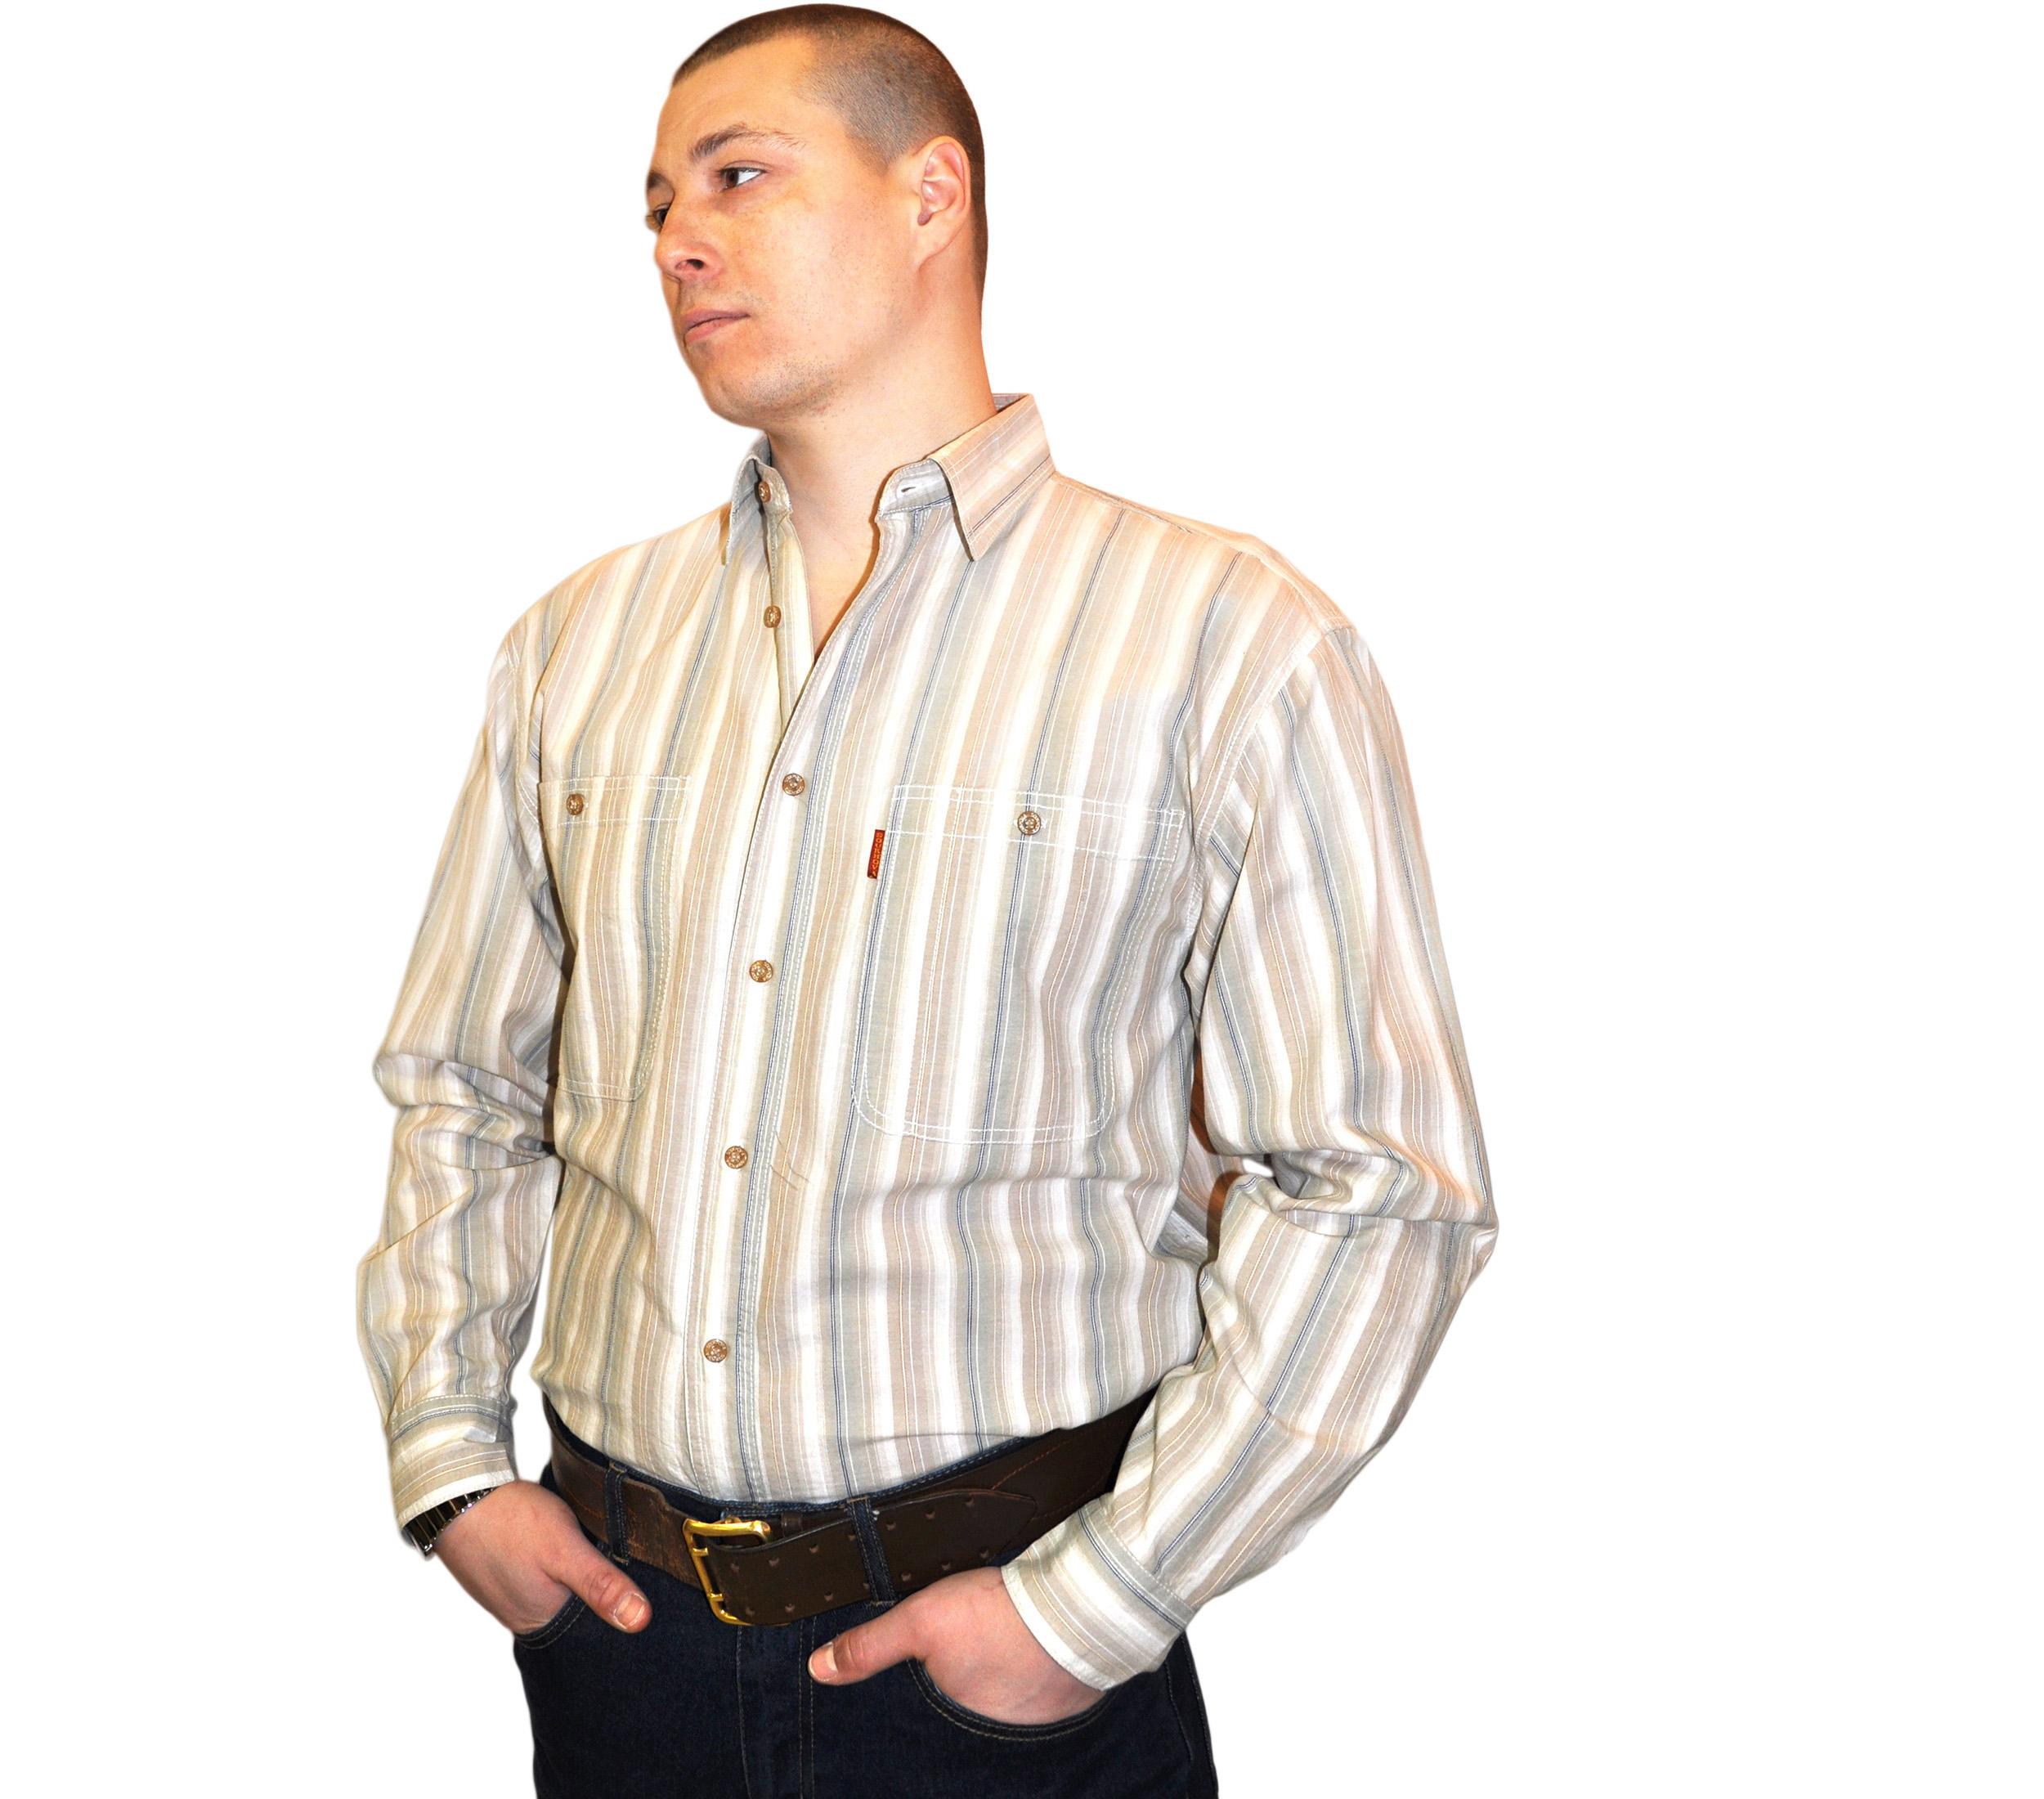 Мужская рубашка с длинным рукавом в тонкую бежевую полоску. Размер